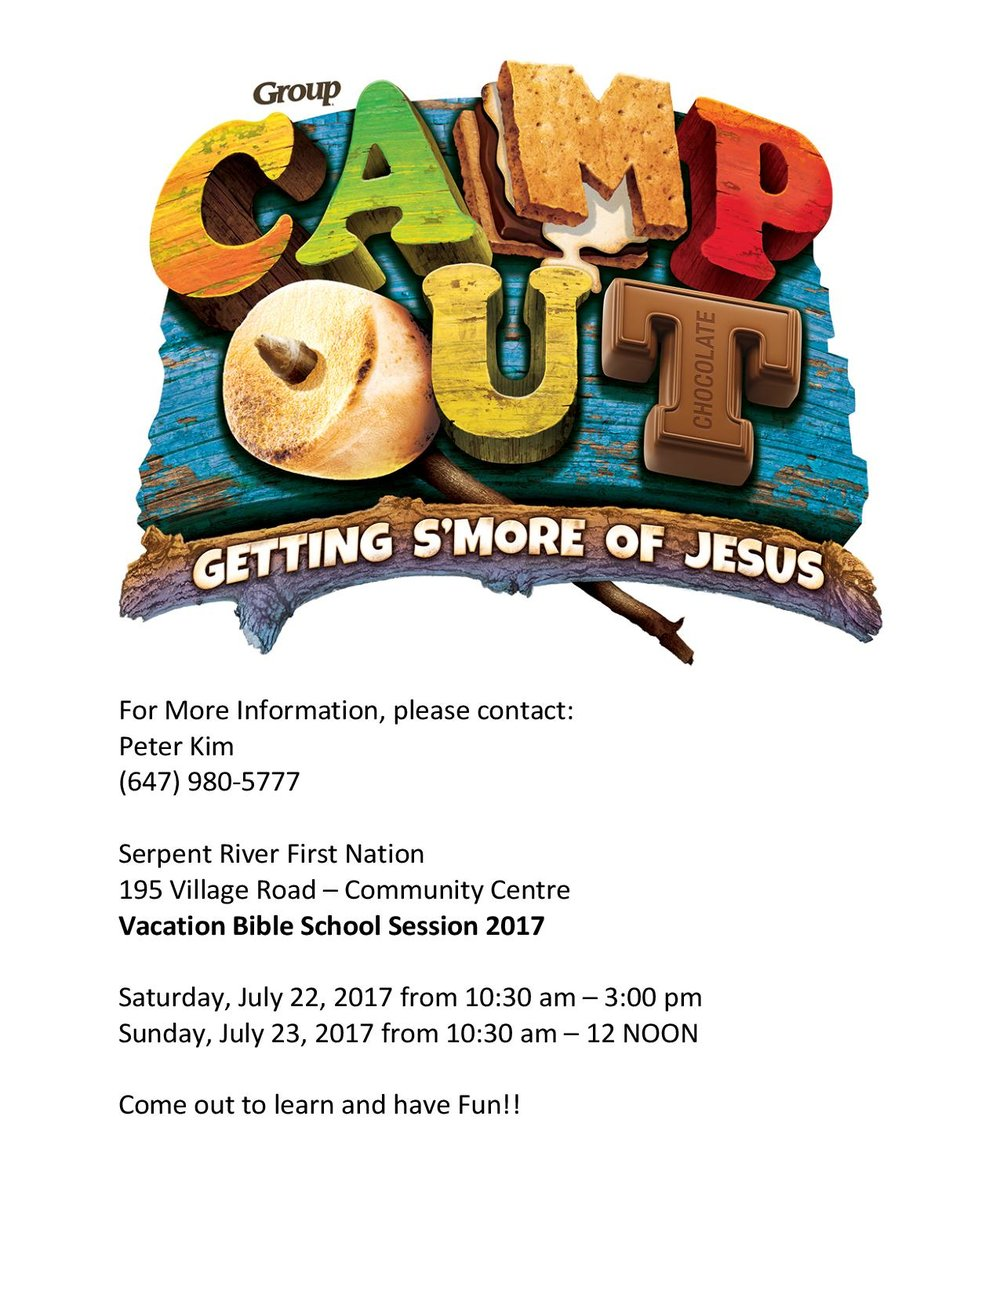 SRFN Bible Camp